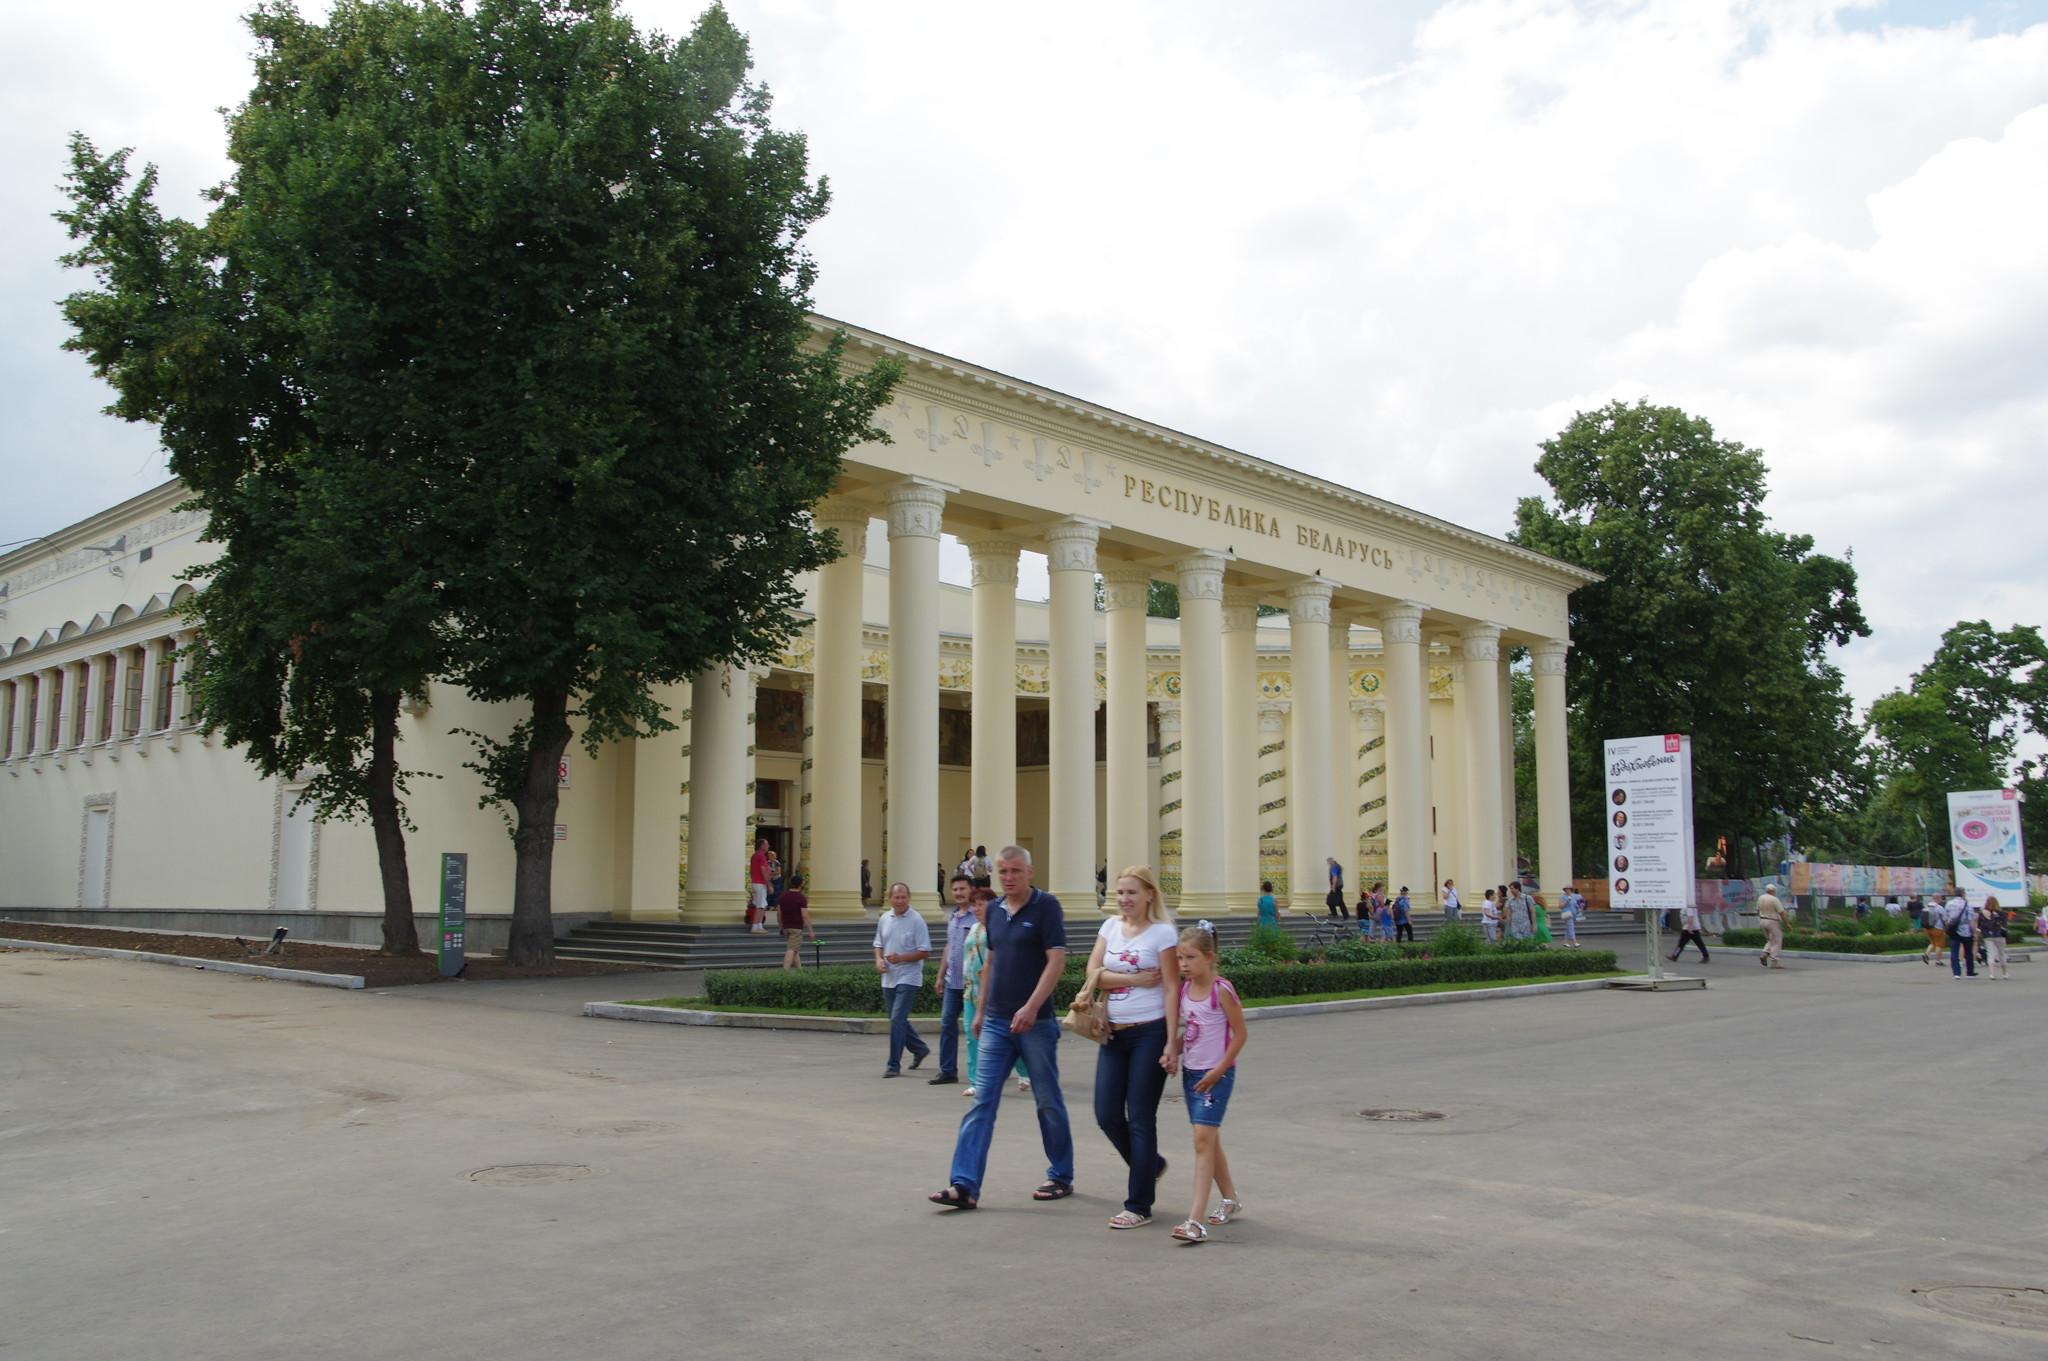 Павильон № 18 «Республика Беларусь» на Главной аллее ВДНХ